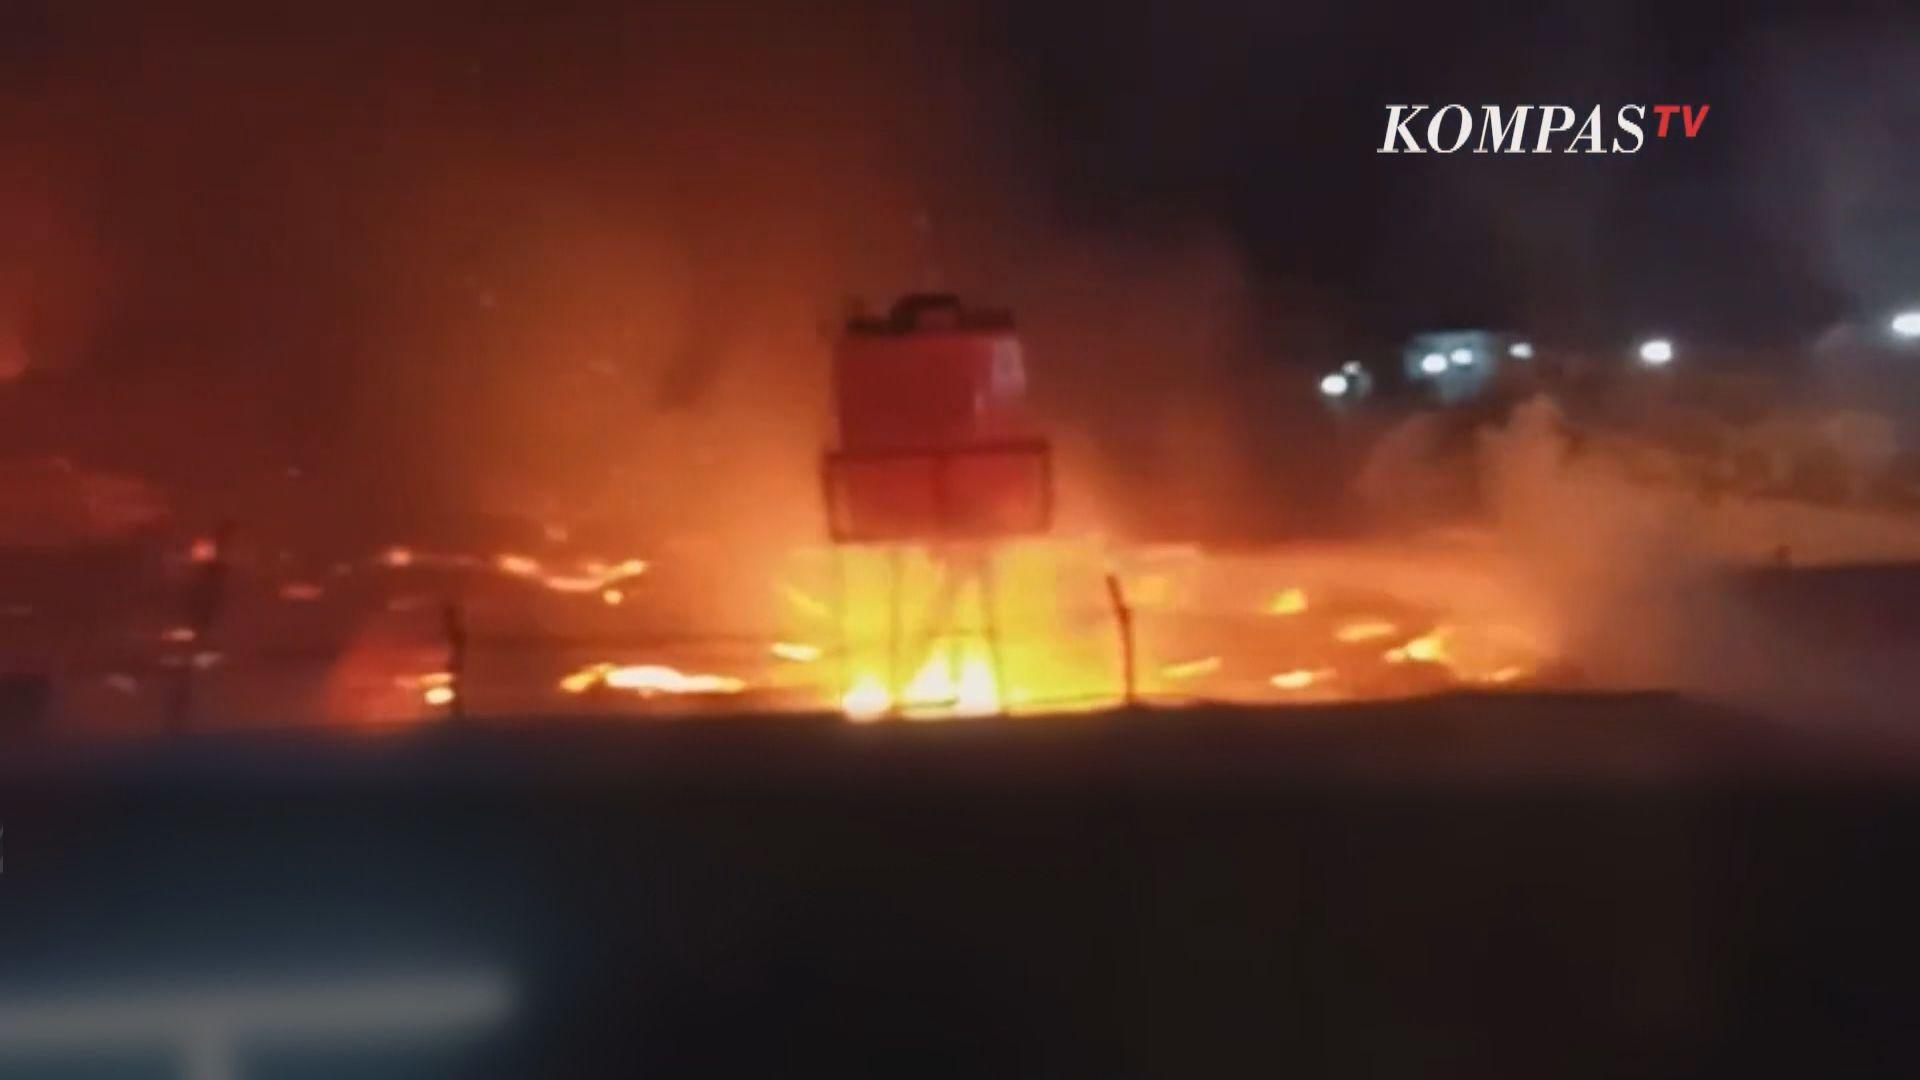 印尼監獄大火 至少41名囚犯死亡